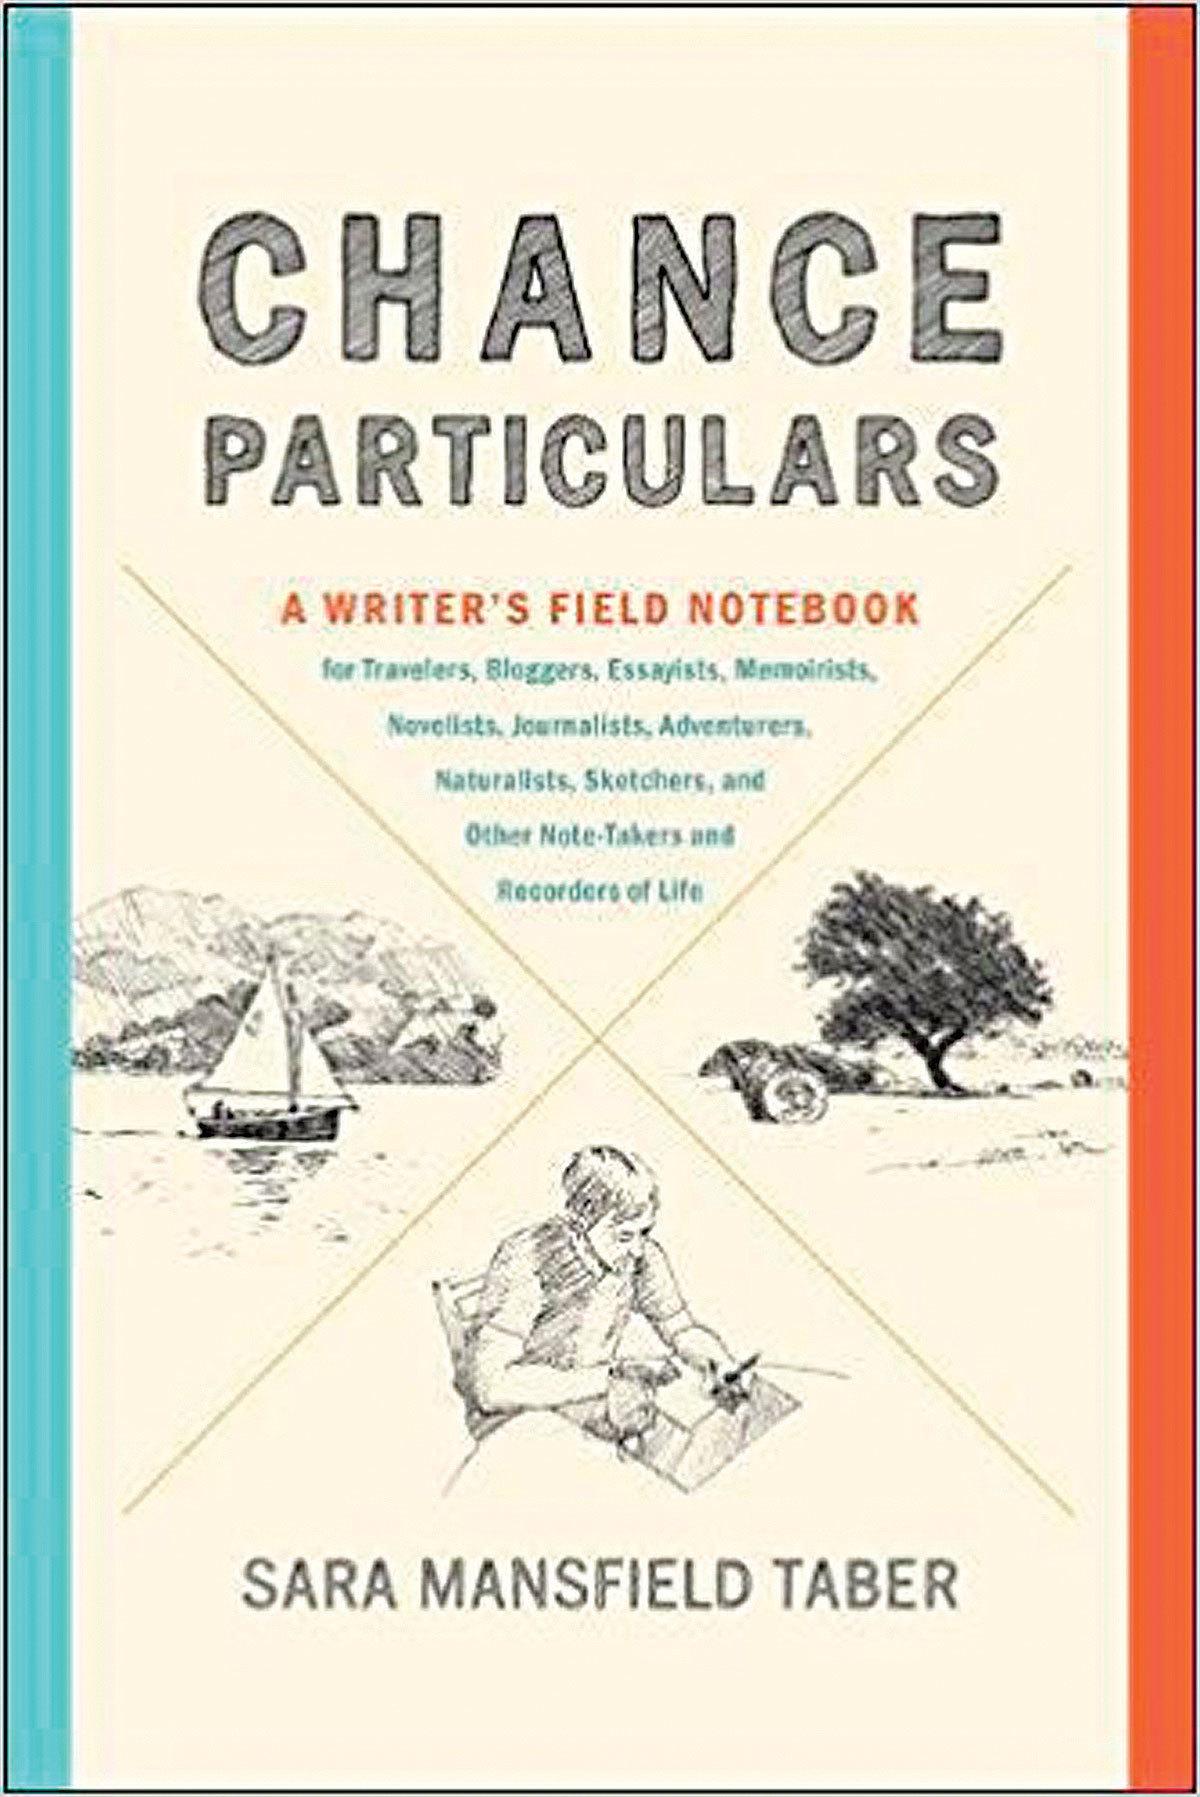 Chance-Particulars.jpg#asset:59643